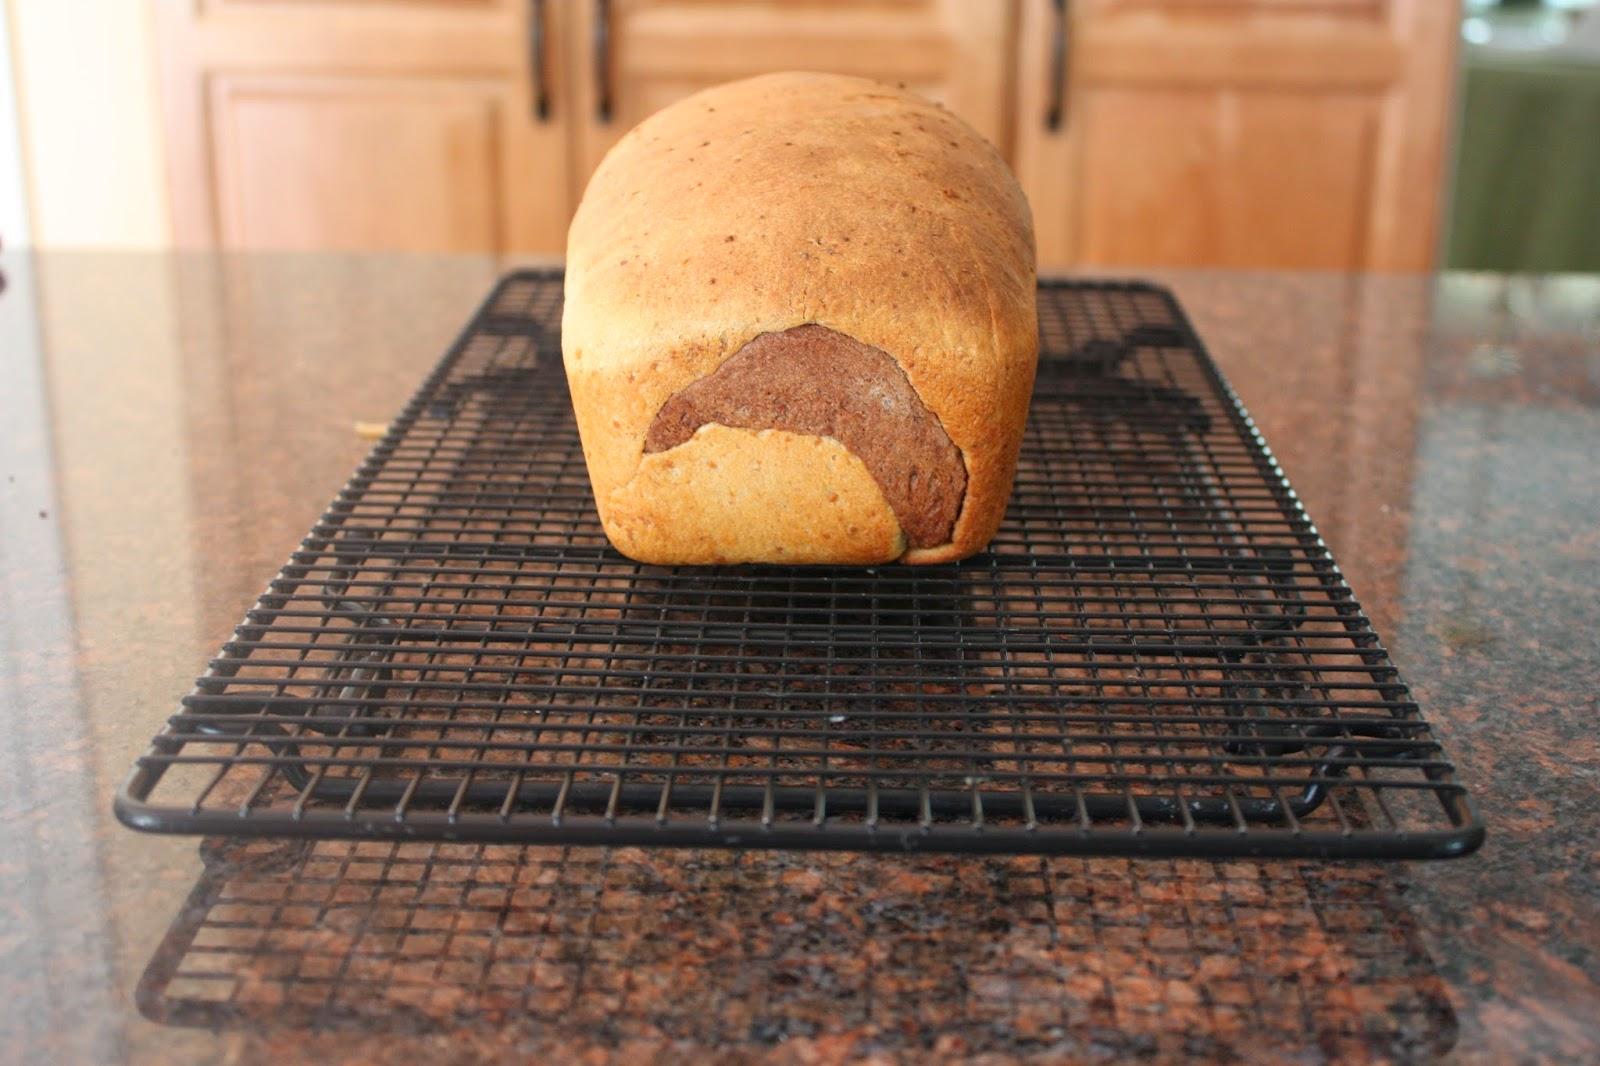 vegan peanut butter swirl bread